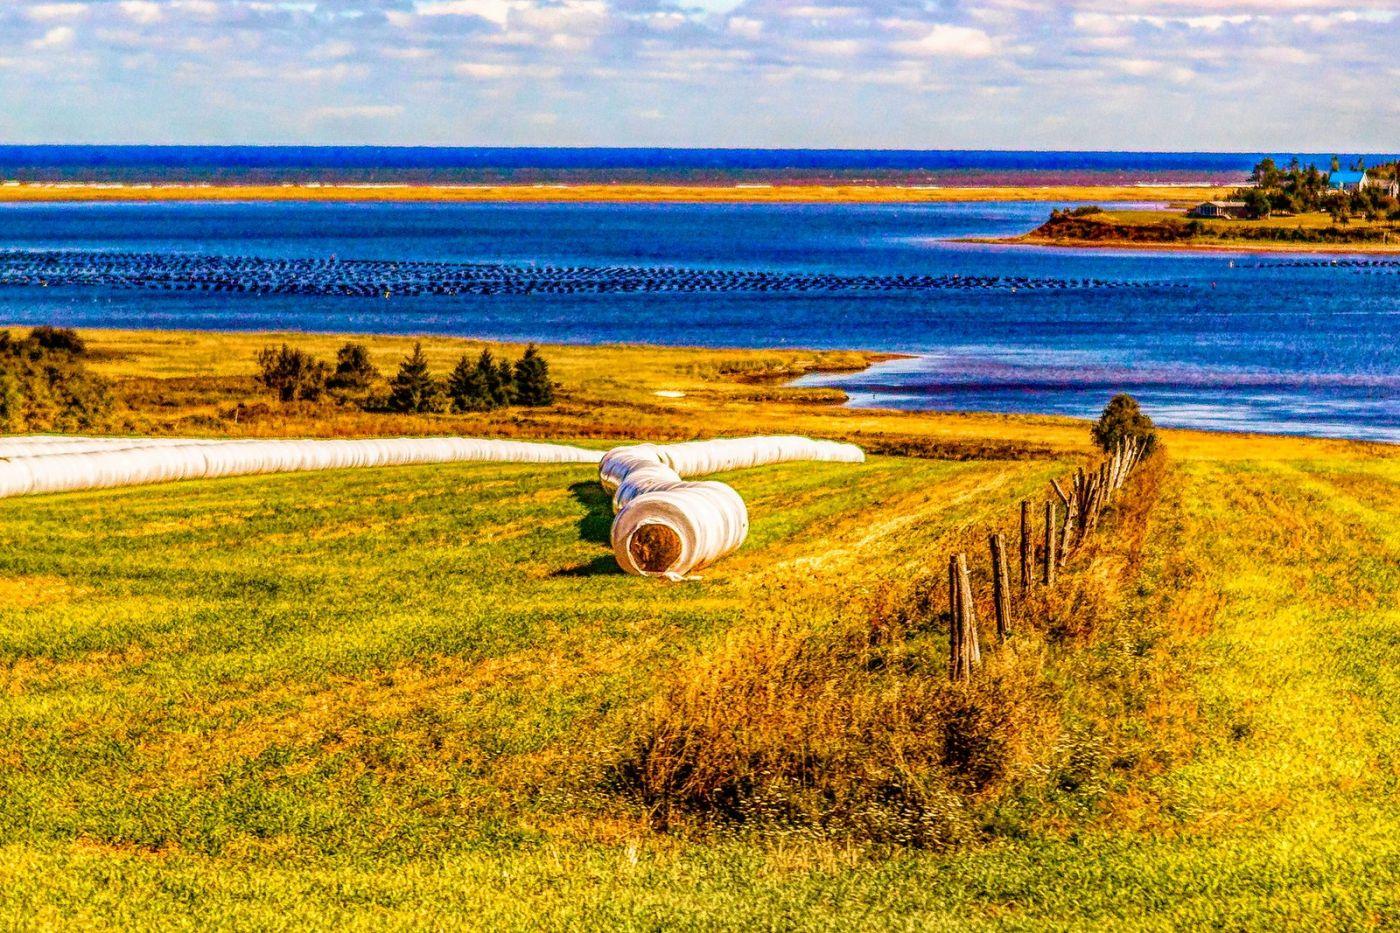 加拿大路途,水边抓拍_图1-32